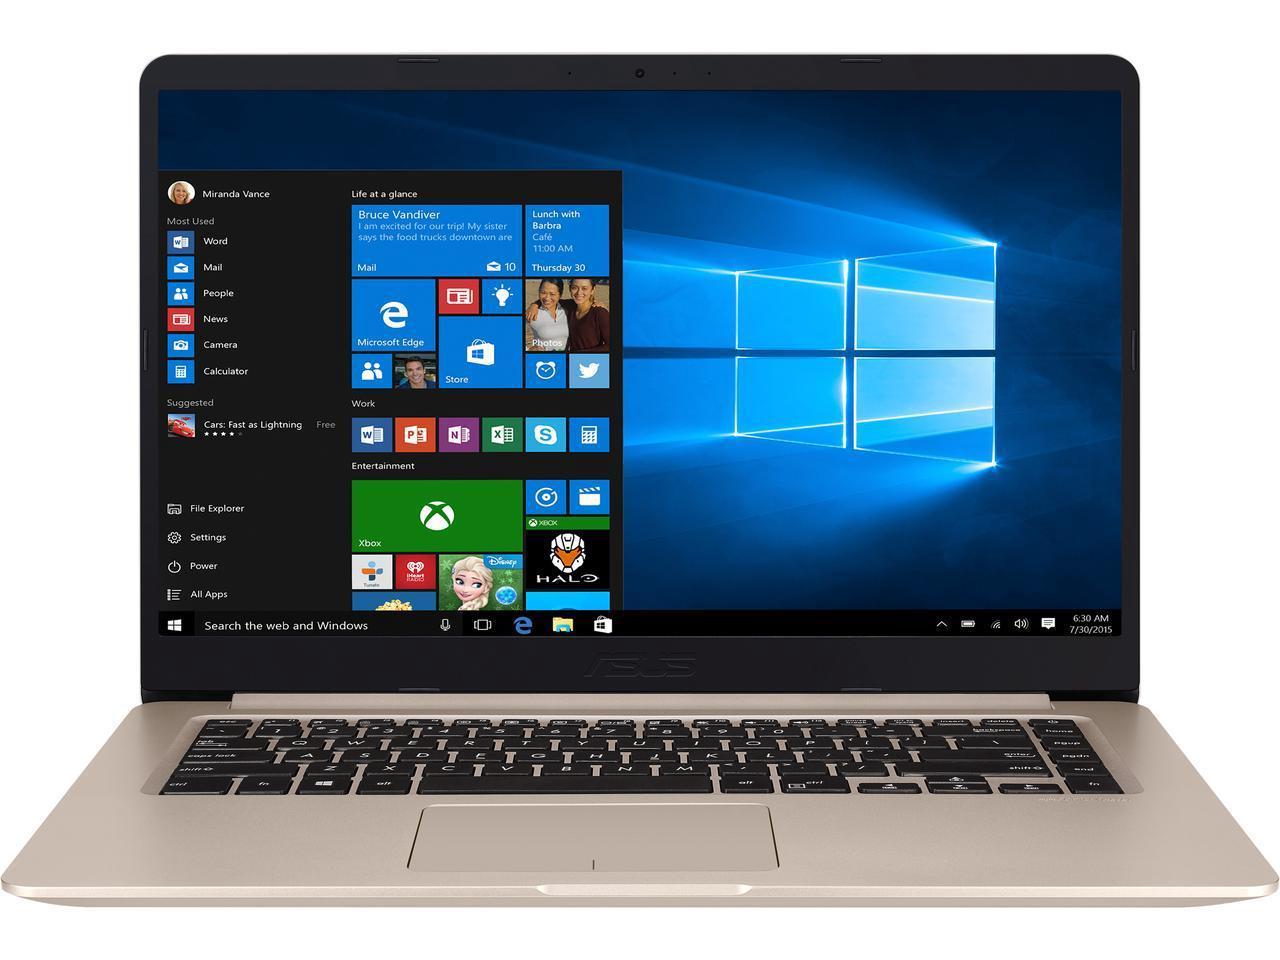 Asus VivoBook S510: 15.6'' FHD IPS, i7-8550U, 8GB DDR4, MX150, 256GB SSD, 1TB HDD, Type-C, WIn10H @ $860 + F/S